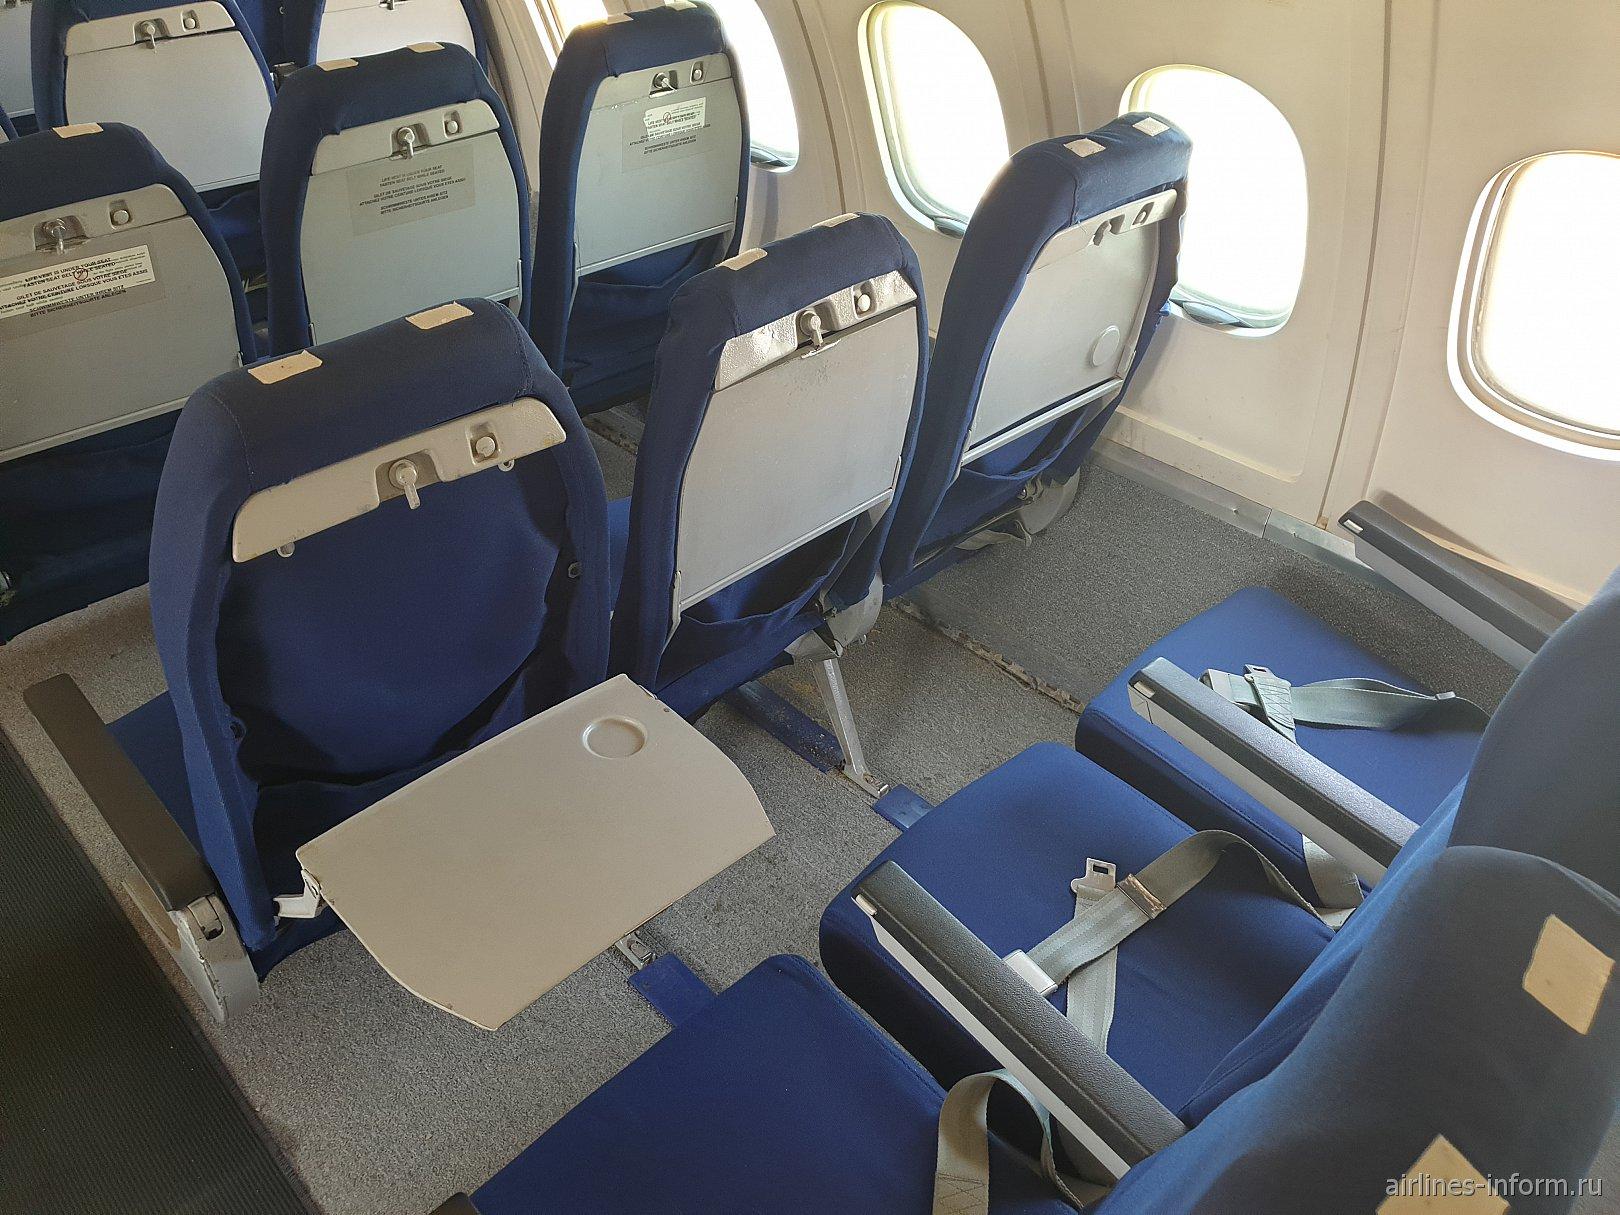 Пассажирские кресла в самолете Ту-154Б-2 авиакомпании Malev